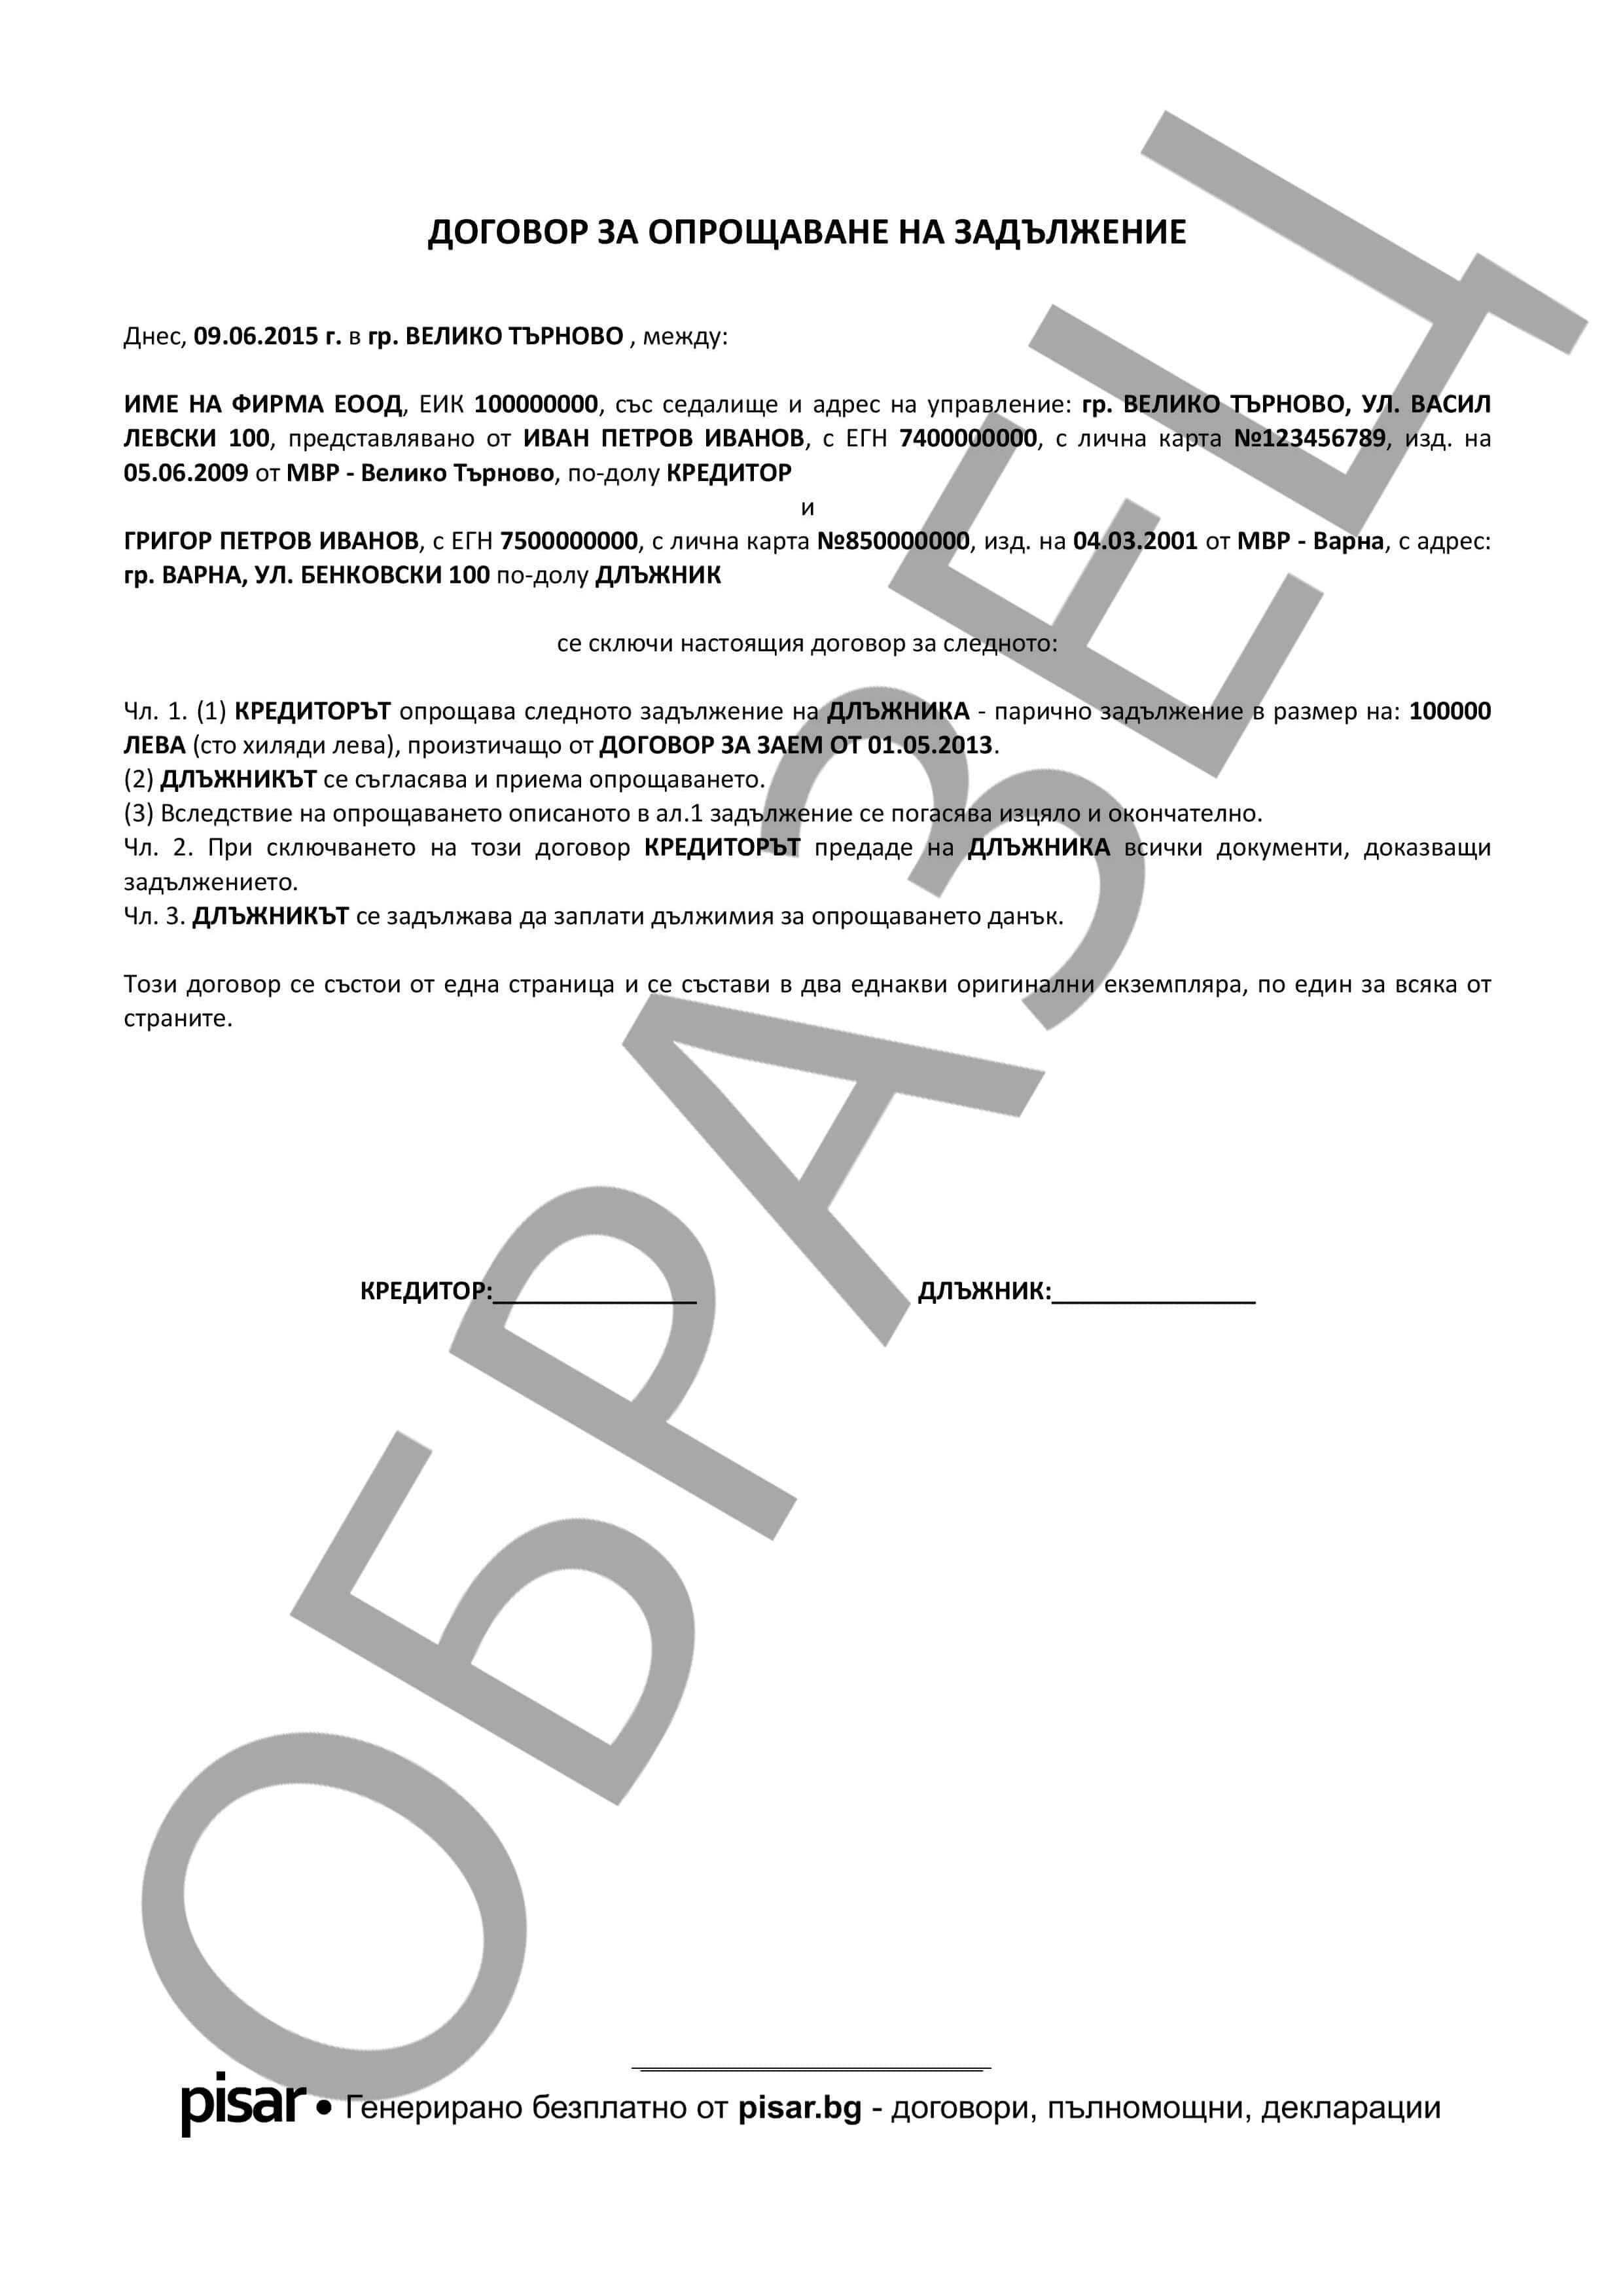 Примерен документ Договор за опрощаване на задължения